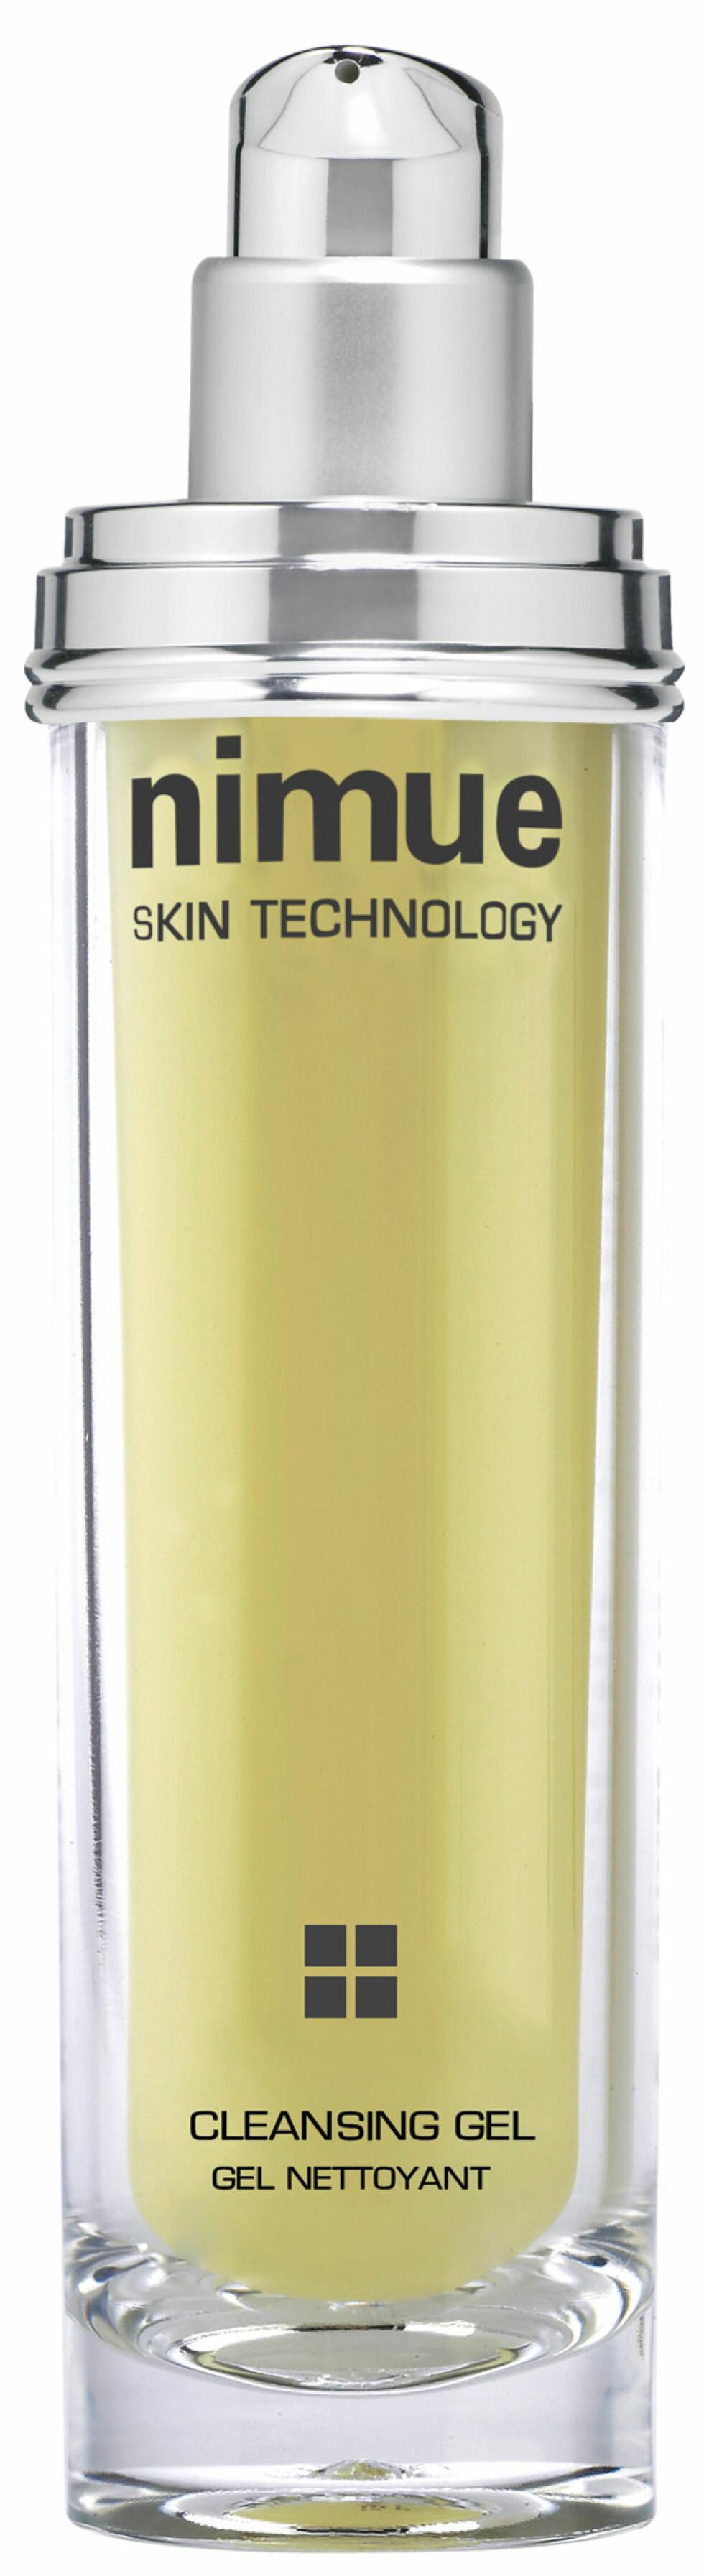 Cleansing Gel fra Nimue  er en eksfolierende rens til alle hudtyper. Renser huden i dybden samtidig som den gir ny glød, kr 509. Foto: Produsenten